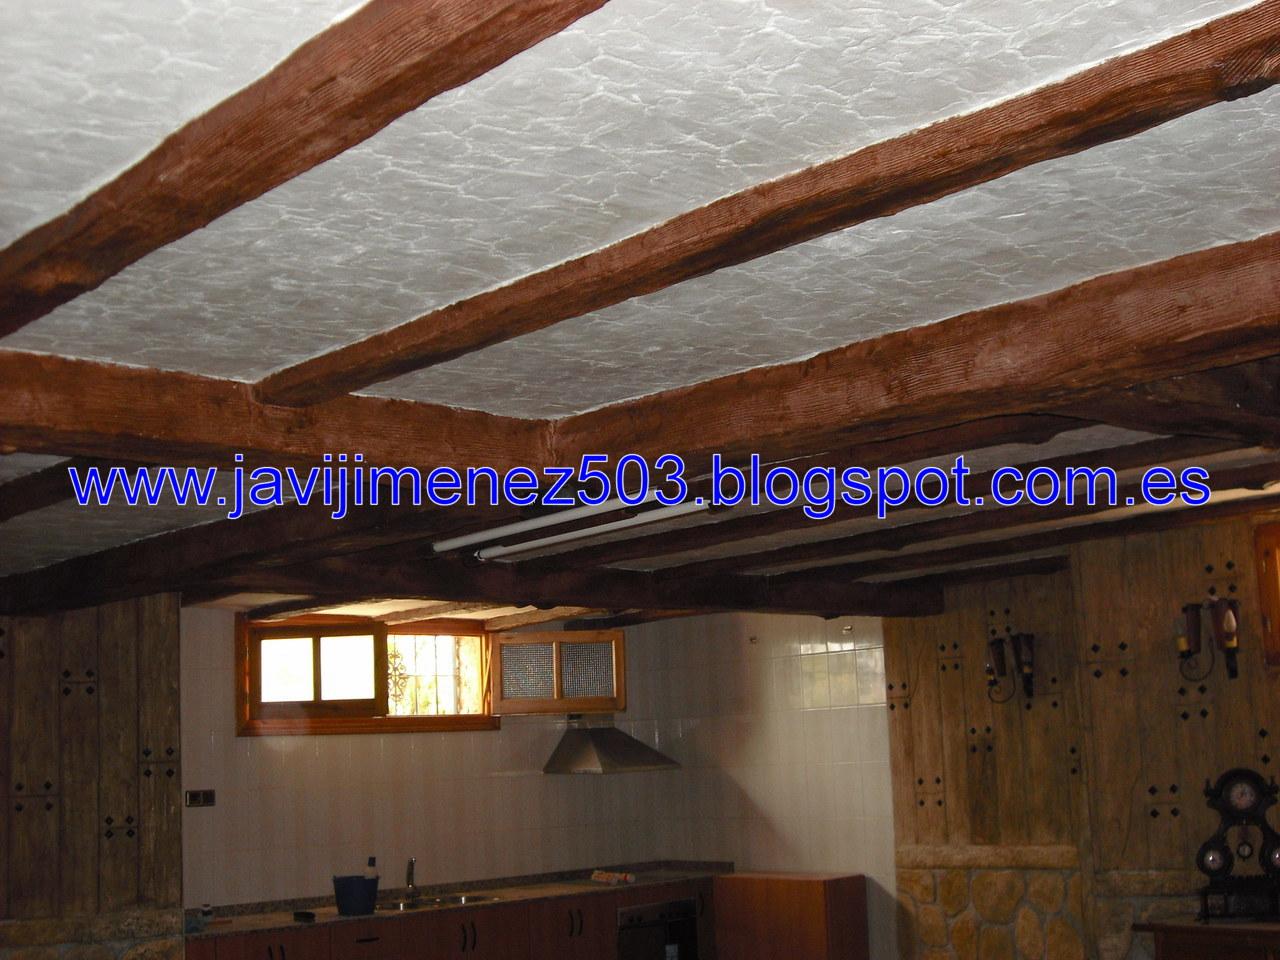 Piedras y maderas artificiales javier lude a tlf - Revestimientos para techos ...